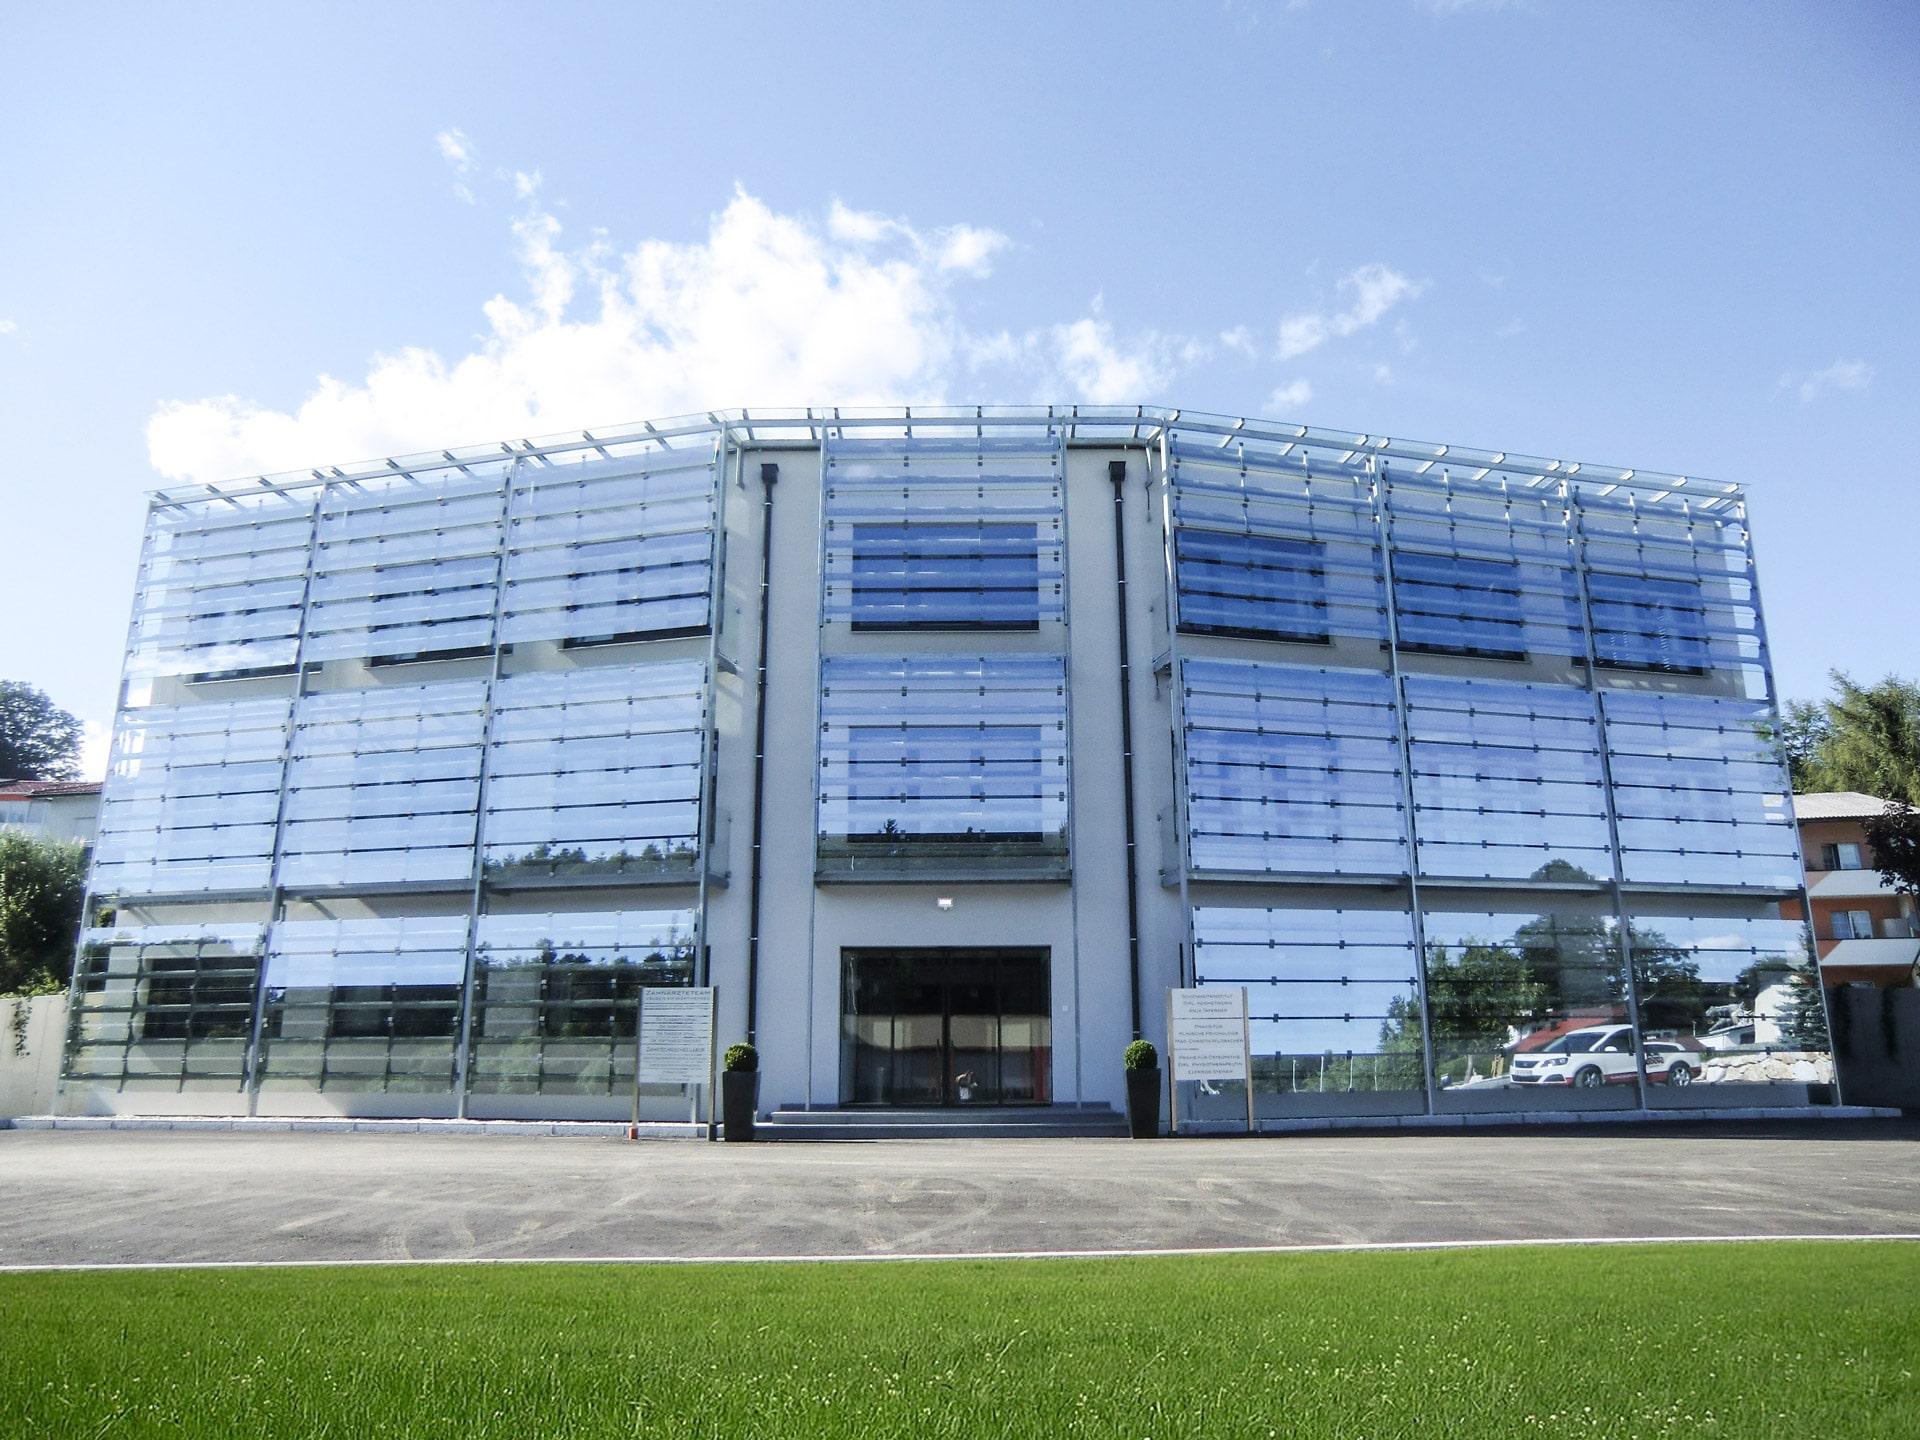 S 16 a | Fassadenverkleidung aus Klarglasscheiben mit Stahlkonstruktion | Svoboda Metalltechnik